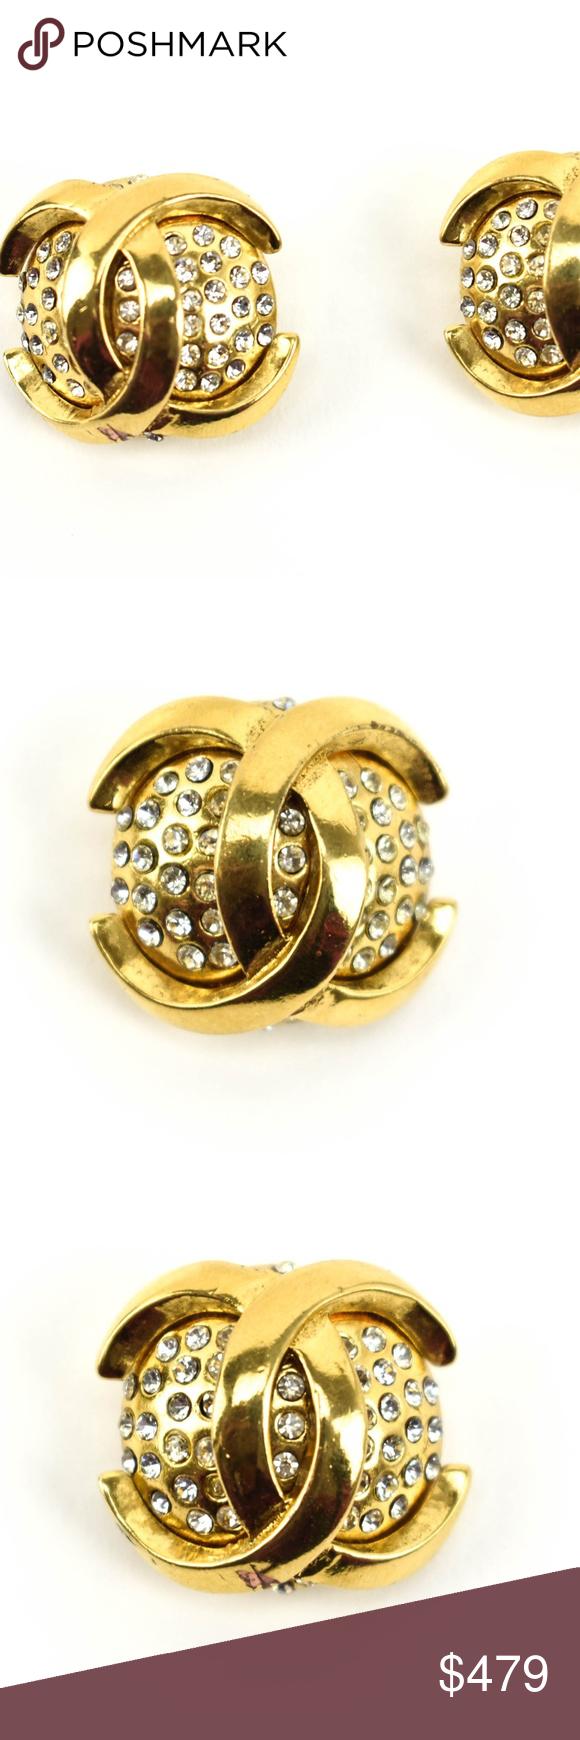 CHANEL Gold Metal Swarovski CC Logo Earrings qt Yellow